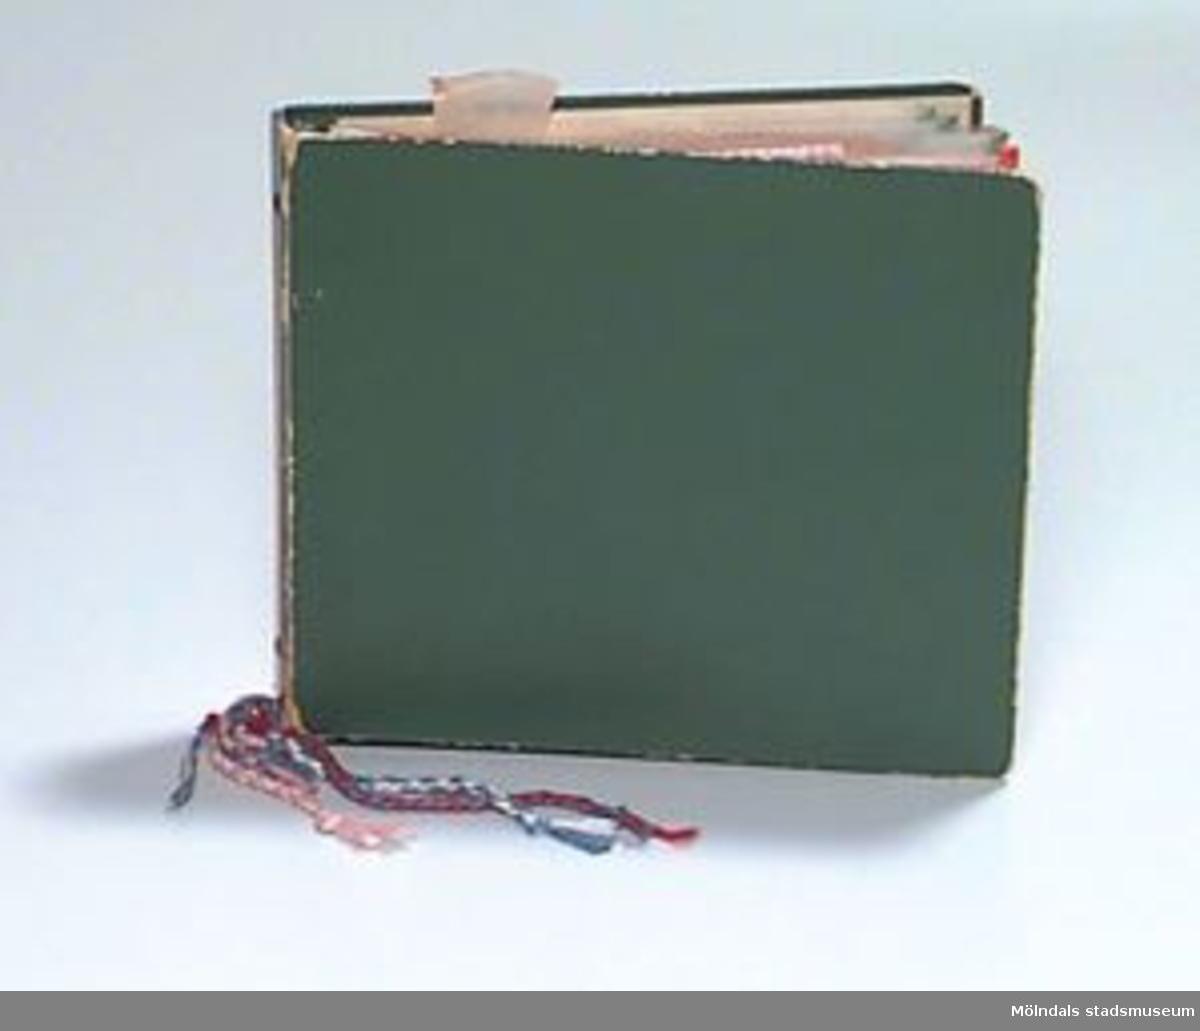 En grön pärm i papp. I pärmen finns mönster och broderade tygprover som ligger i plastfickor. Runt ringarna i pärmen hänger tvinnade garntrådar. Undervisningsmaterial för åk 3 och 4. Samhör med 02653 - 02661. Ytterligare uppgifter se 02643:1.